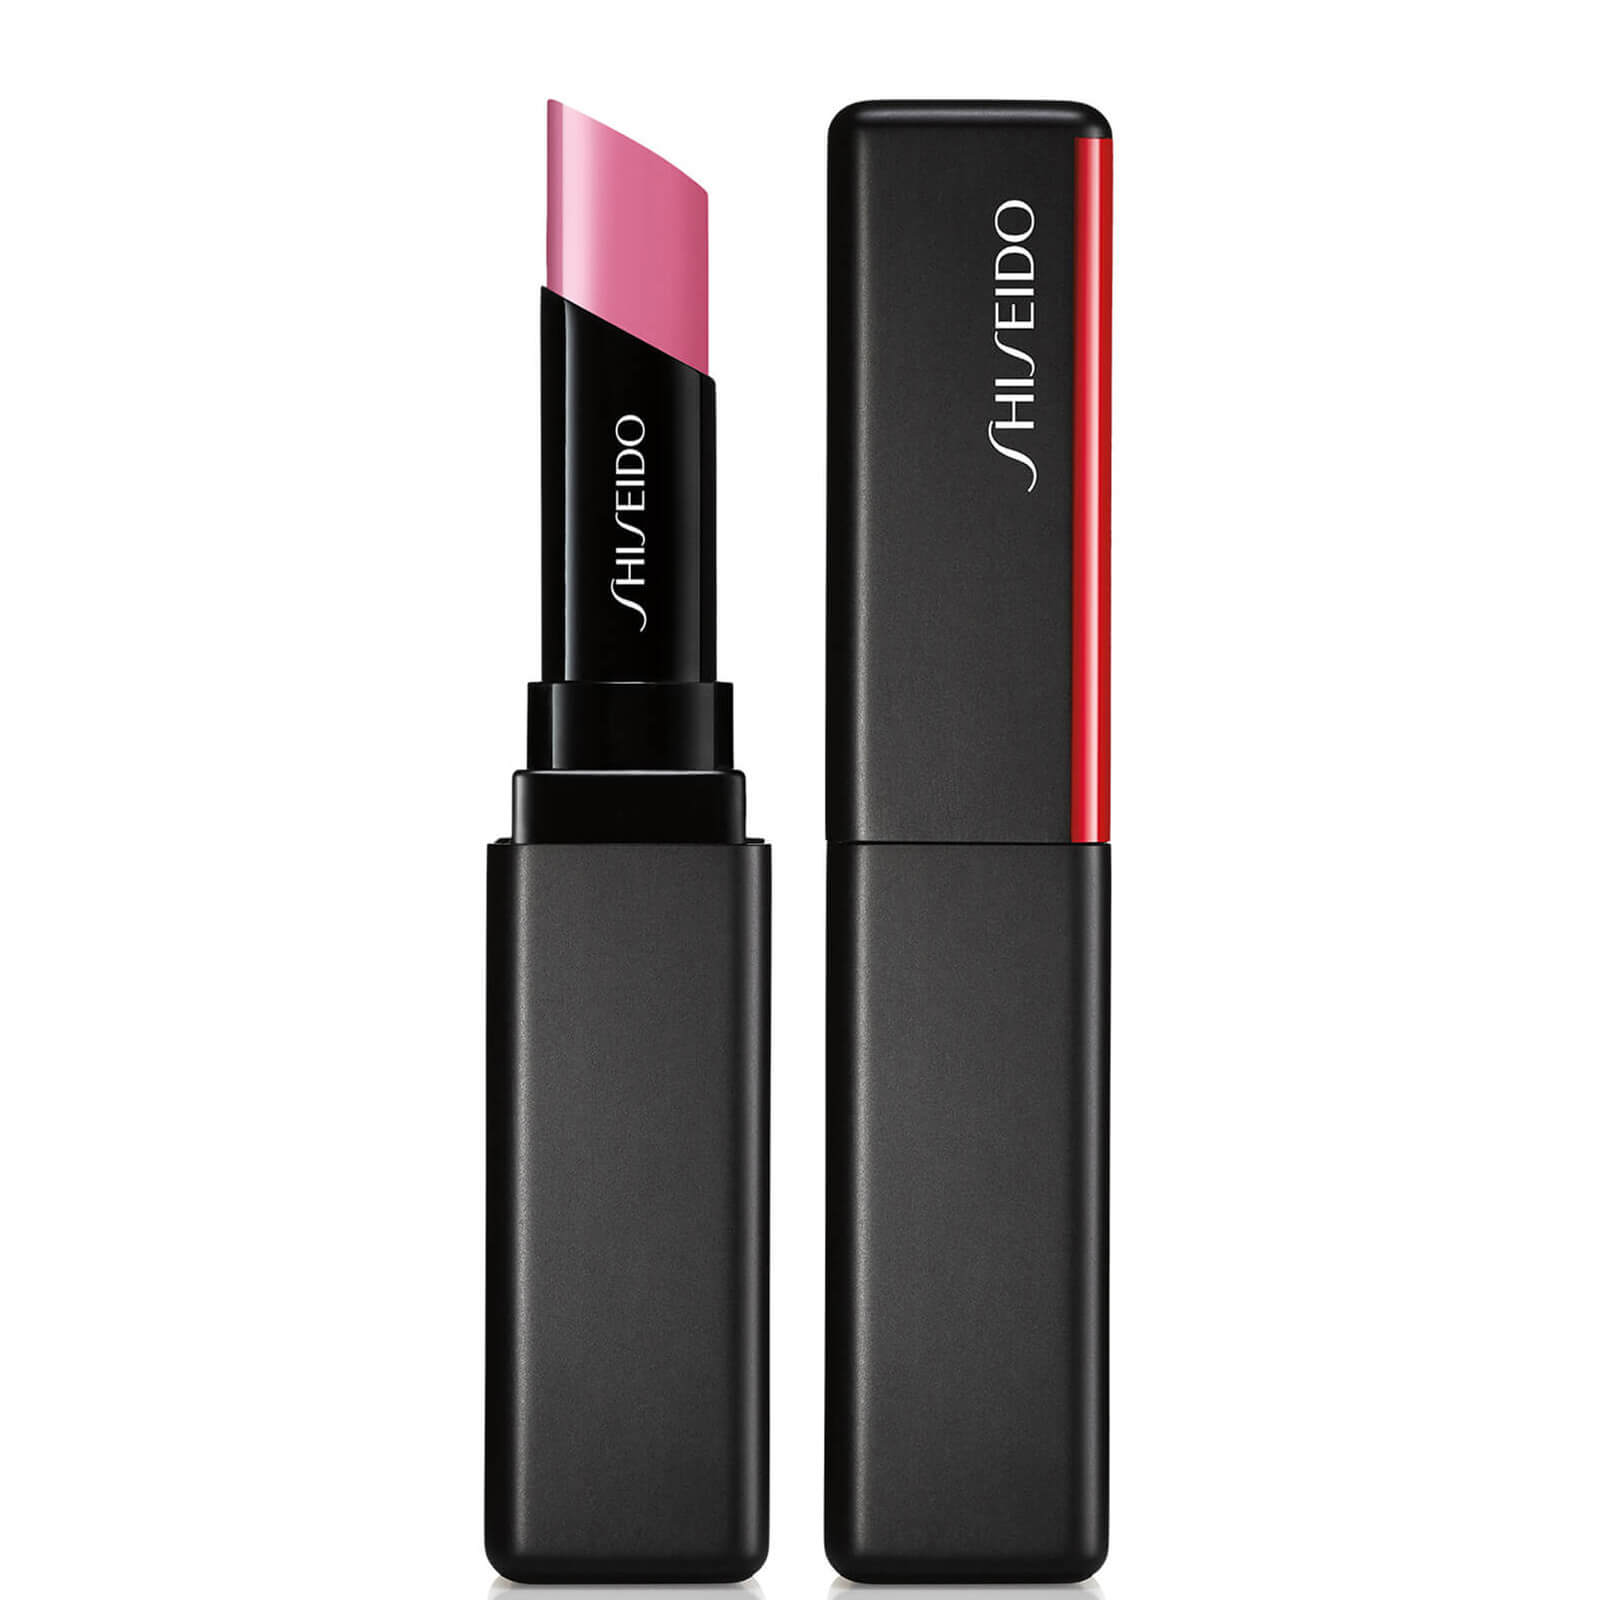 Купить Гелевая губная помада Shiseido VisionAiry Gel Lipstick (различные оттенки) - Pixel Pink 205